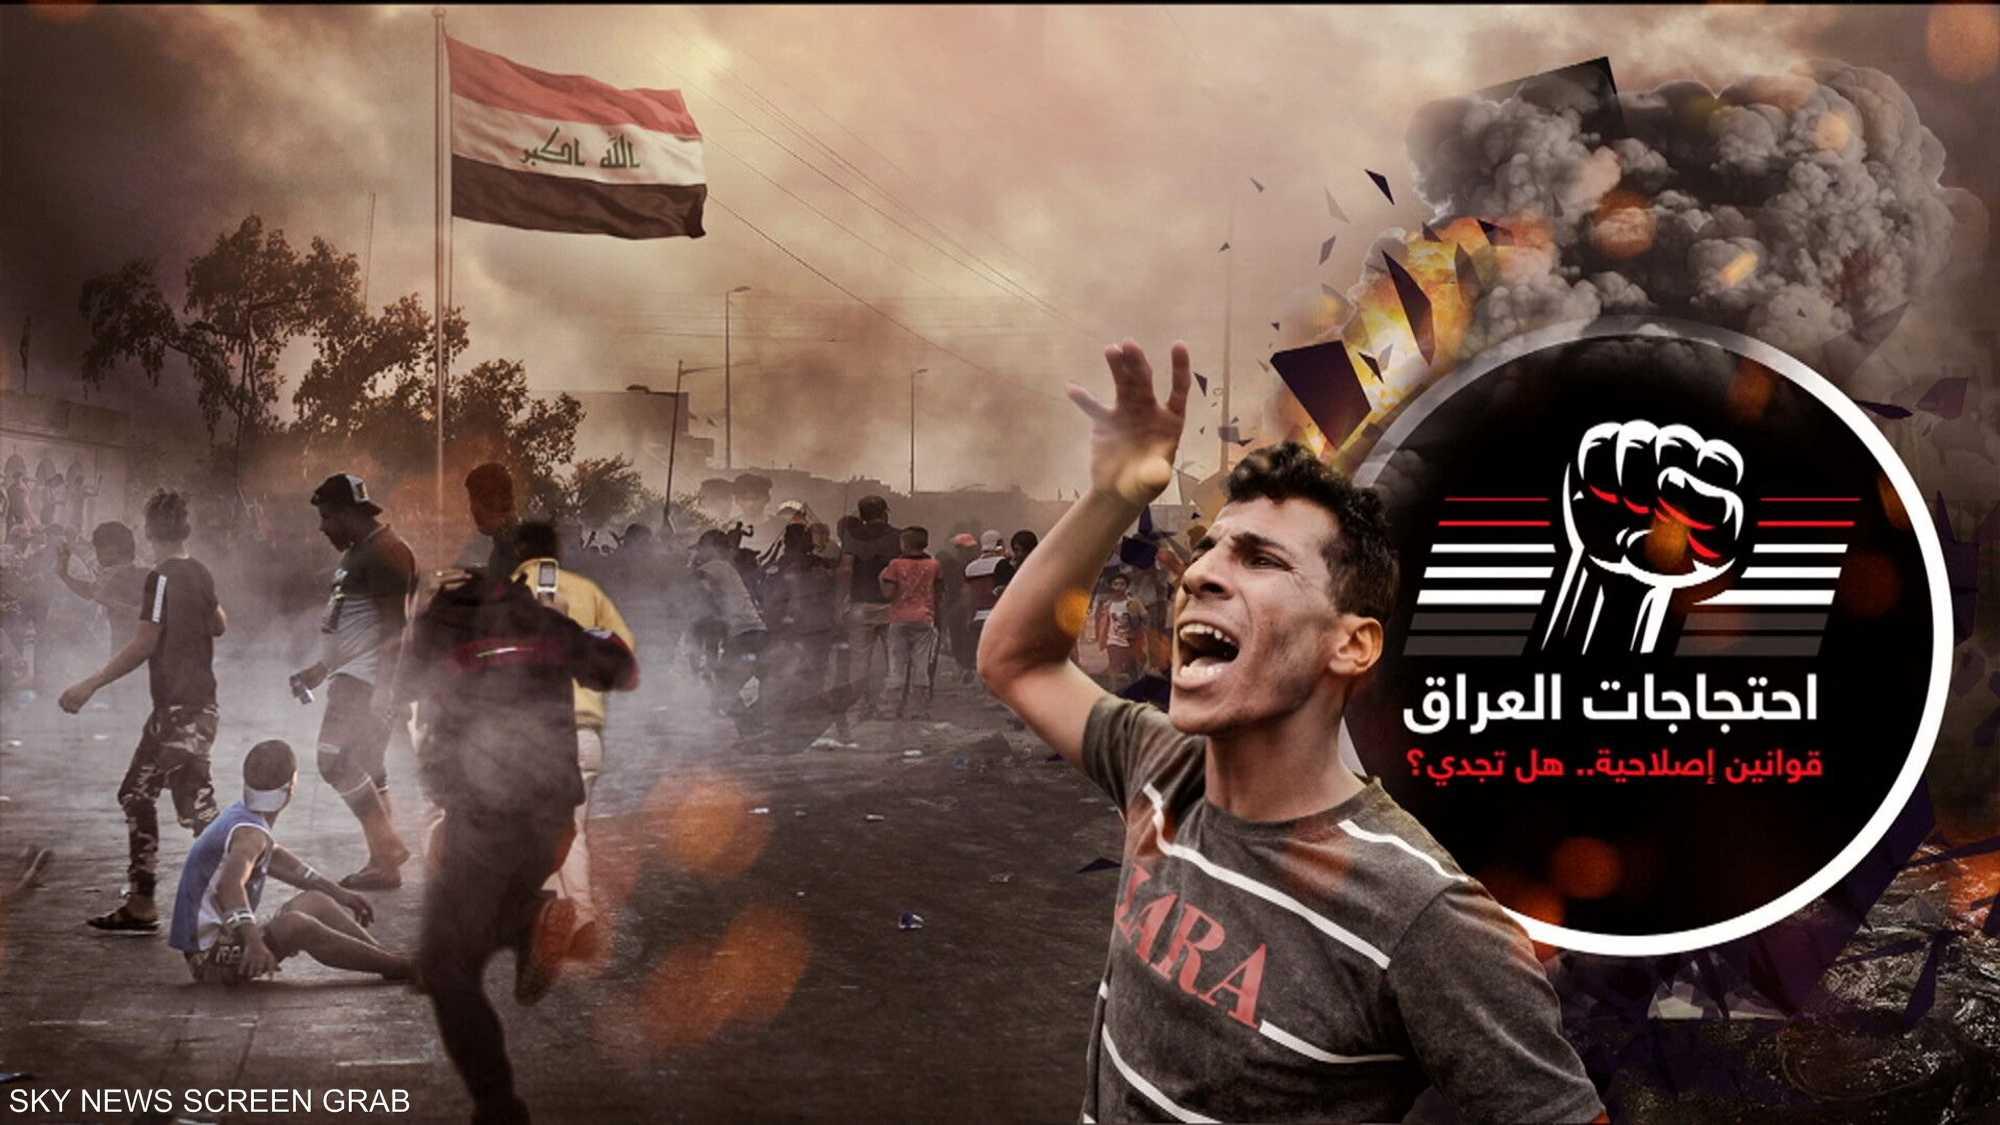 احتجاجات العراق.. هل تجدي القوانين الإصلاحية؟